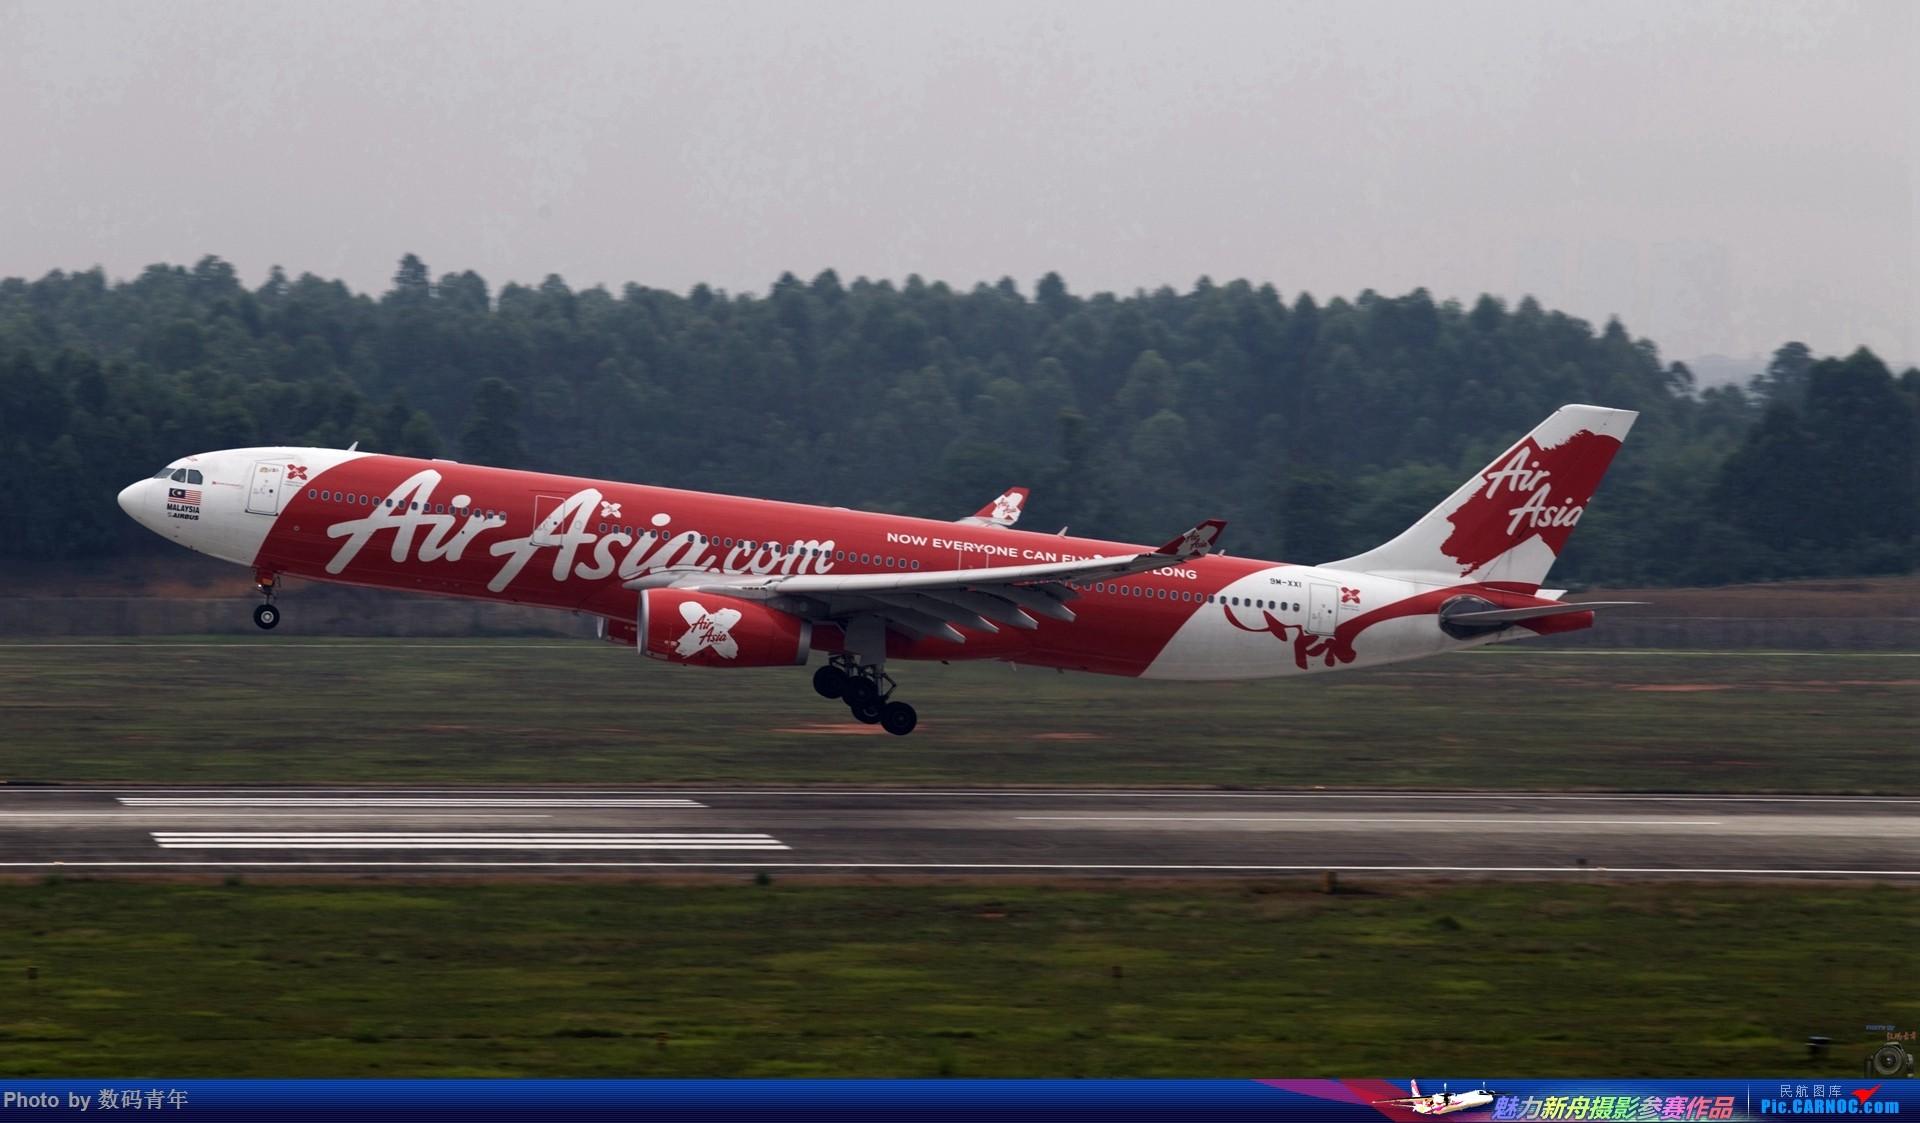 Re:[原创]重出江湖【CTU】2015.5.17打飞机 AIRBUS A330-300 9M-XXI 中国成都双流国际机场